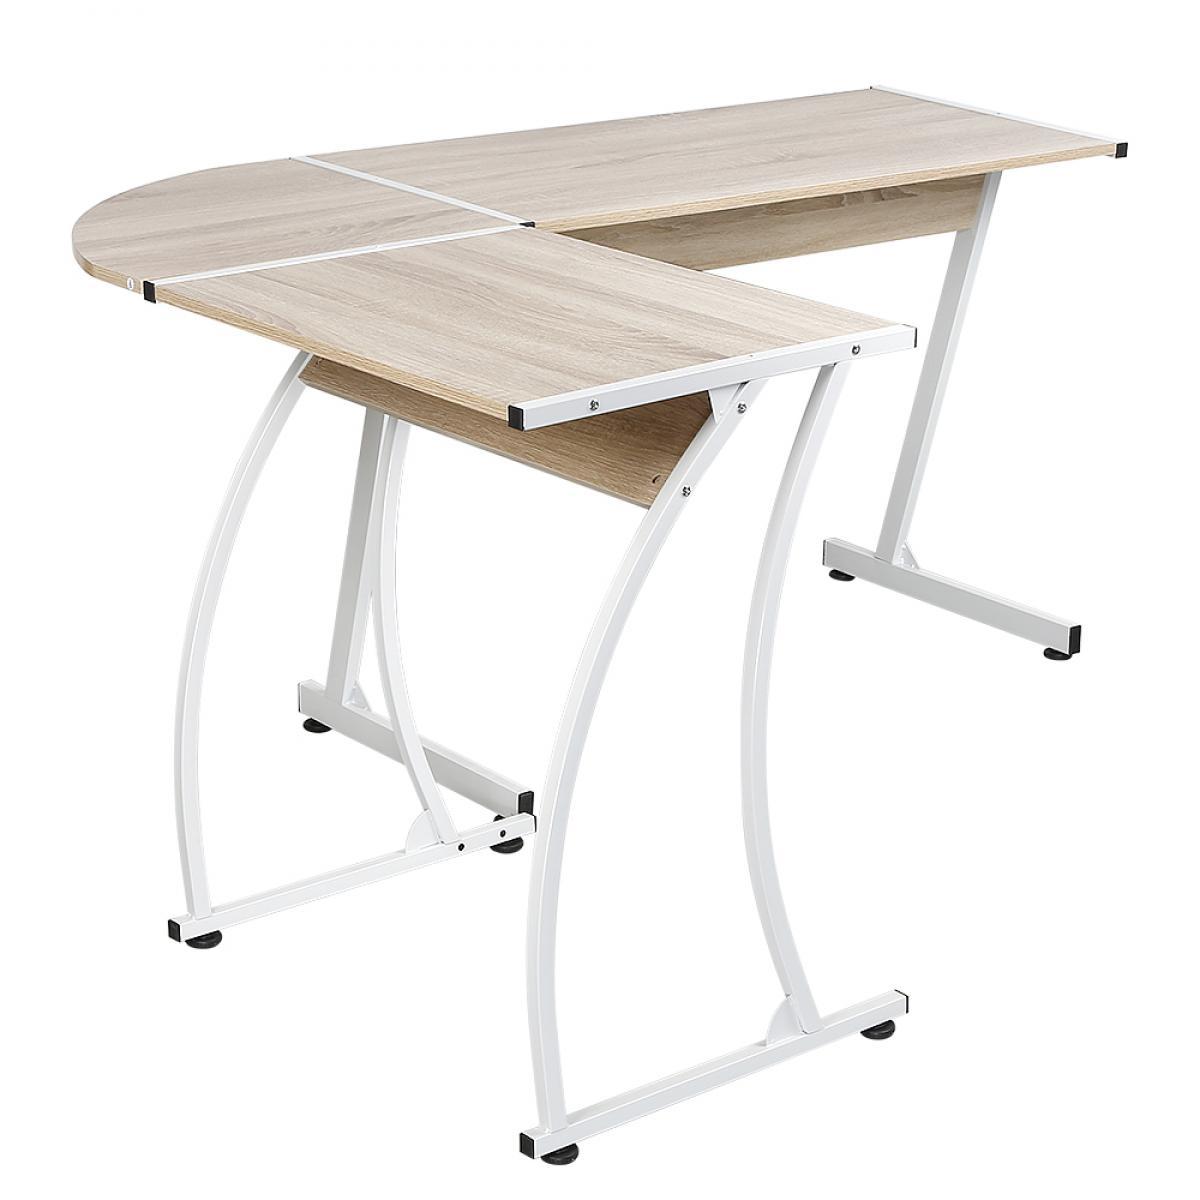 Jeobest Bureau d'angle, table de bureau style contemporain 99-64 * 48 * 73 cm couleur chêne